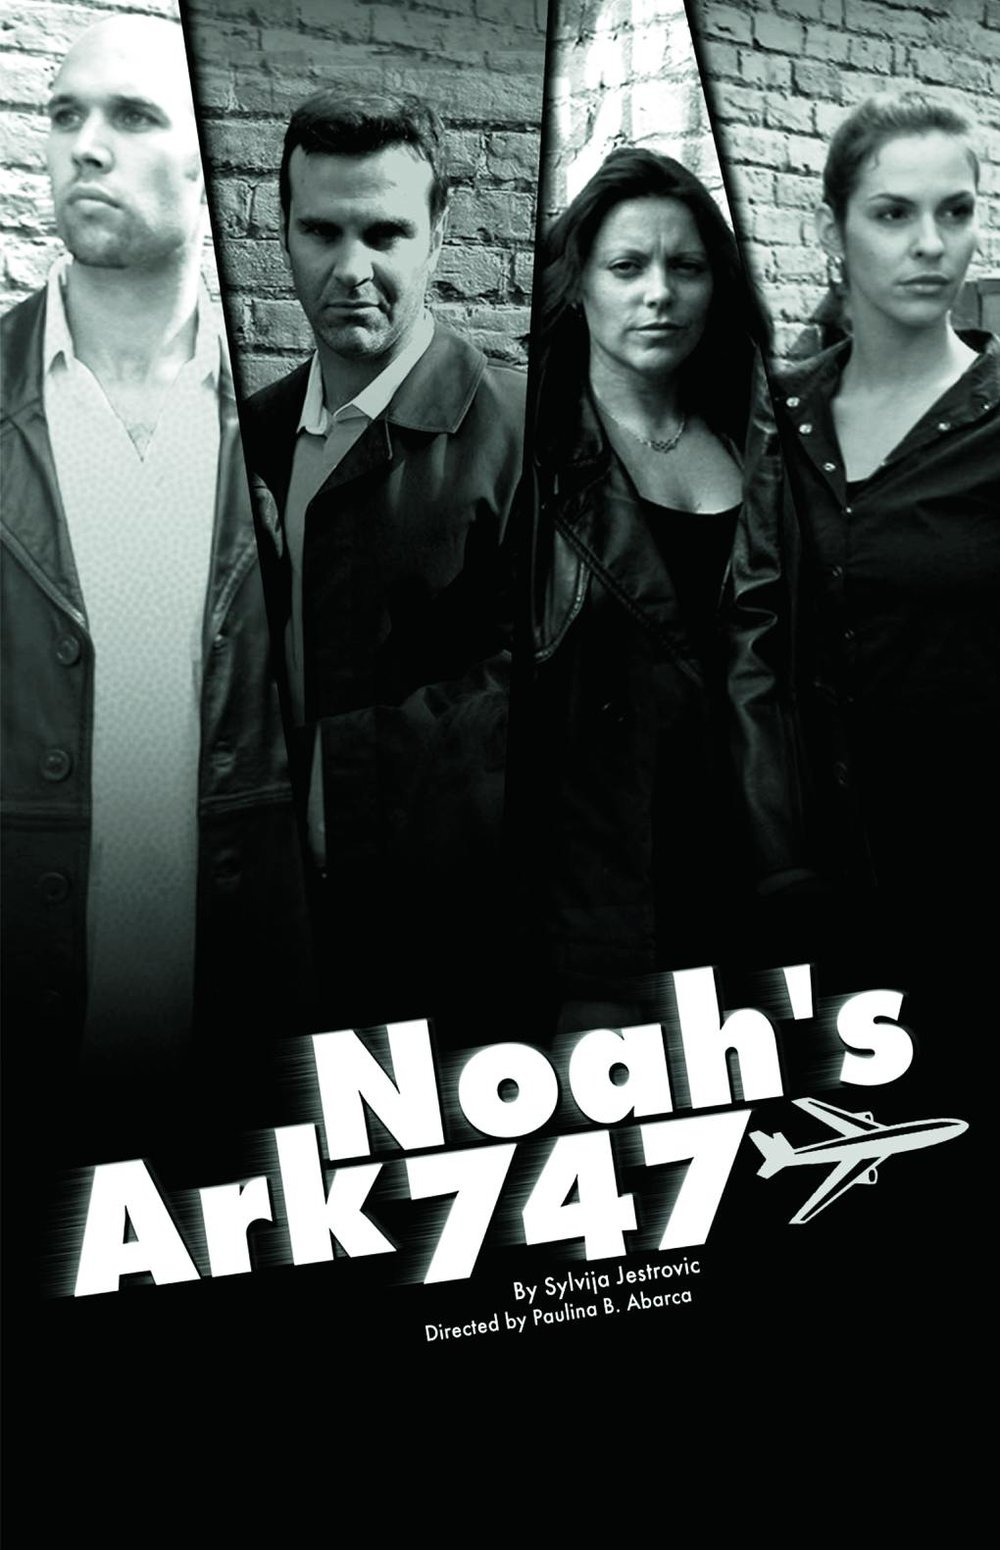 Noah's Ark 747 - 2003